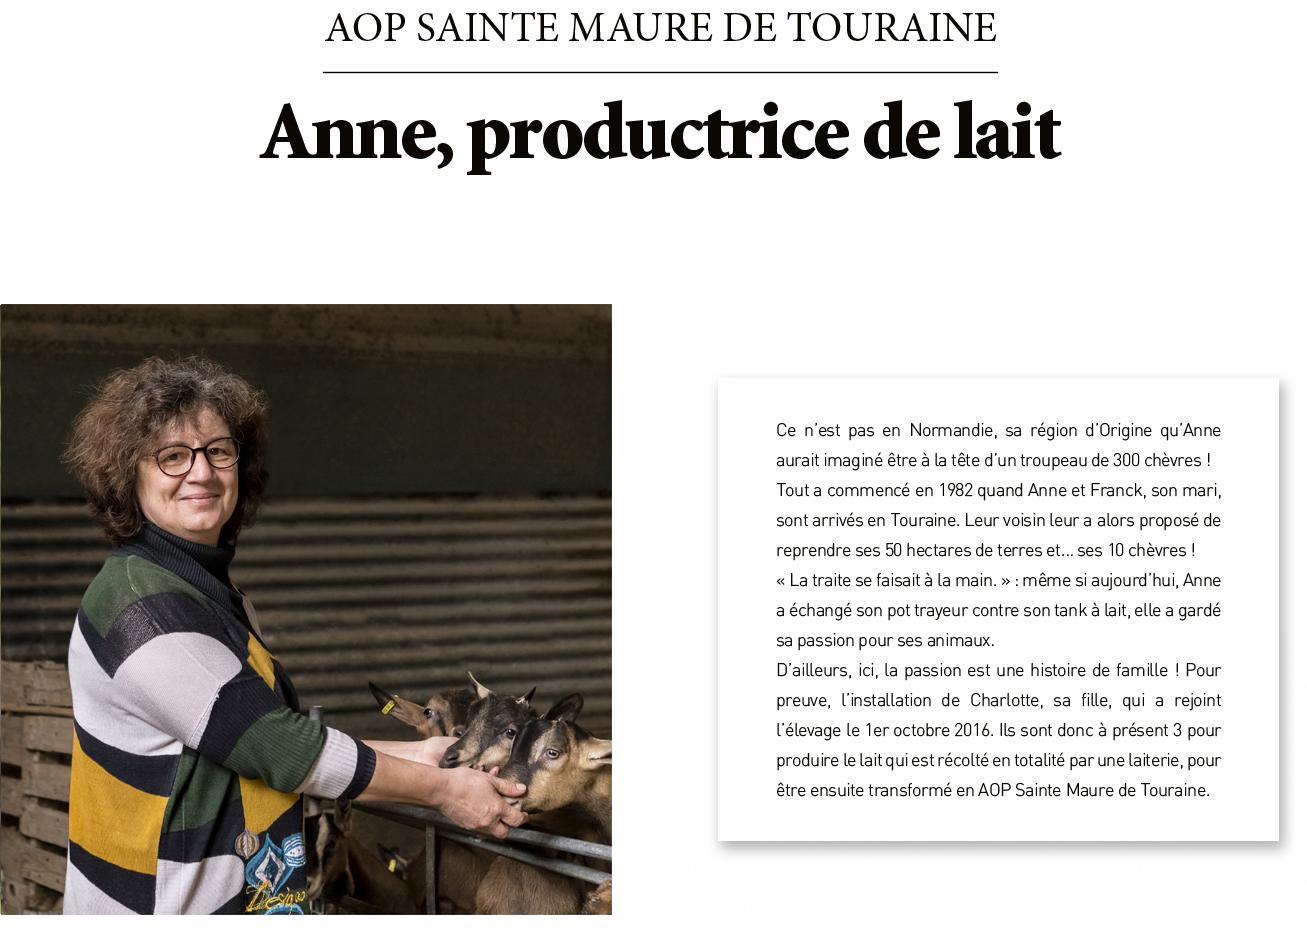 Ce n'est pas en Normandie, sa région d'Origine qu'Anne aurait imaginé être à la tête d'un troupeau de 300 chèvres ! Tout a commencé en 1982 quand Anne et Franck, son mari, sont arrivés en Touraine. Leur voisin leur a alors proposé de reprendre ses 50 hectares de terres et… ses 10 chèvres ! « La traite se faisait à la main. » : même si aujourd'hui, Anne a échangé son pot trayeur contre son tank à lait, elle a gardé sa passion pour ses animaux. D'ailleurs, ici, la passion est une histoire de famille ! Pour preuve, l'installation de Charlotte, sa fille, qui a rejoint l'élevage le 1er octobre 2016. Ils sont donc à présent 3 pour produire le lait qui est récolté en totalité par une laiterie, pour être ensuite transformé en AOP Sainte Maure de Touraine.